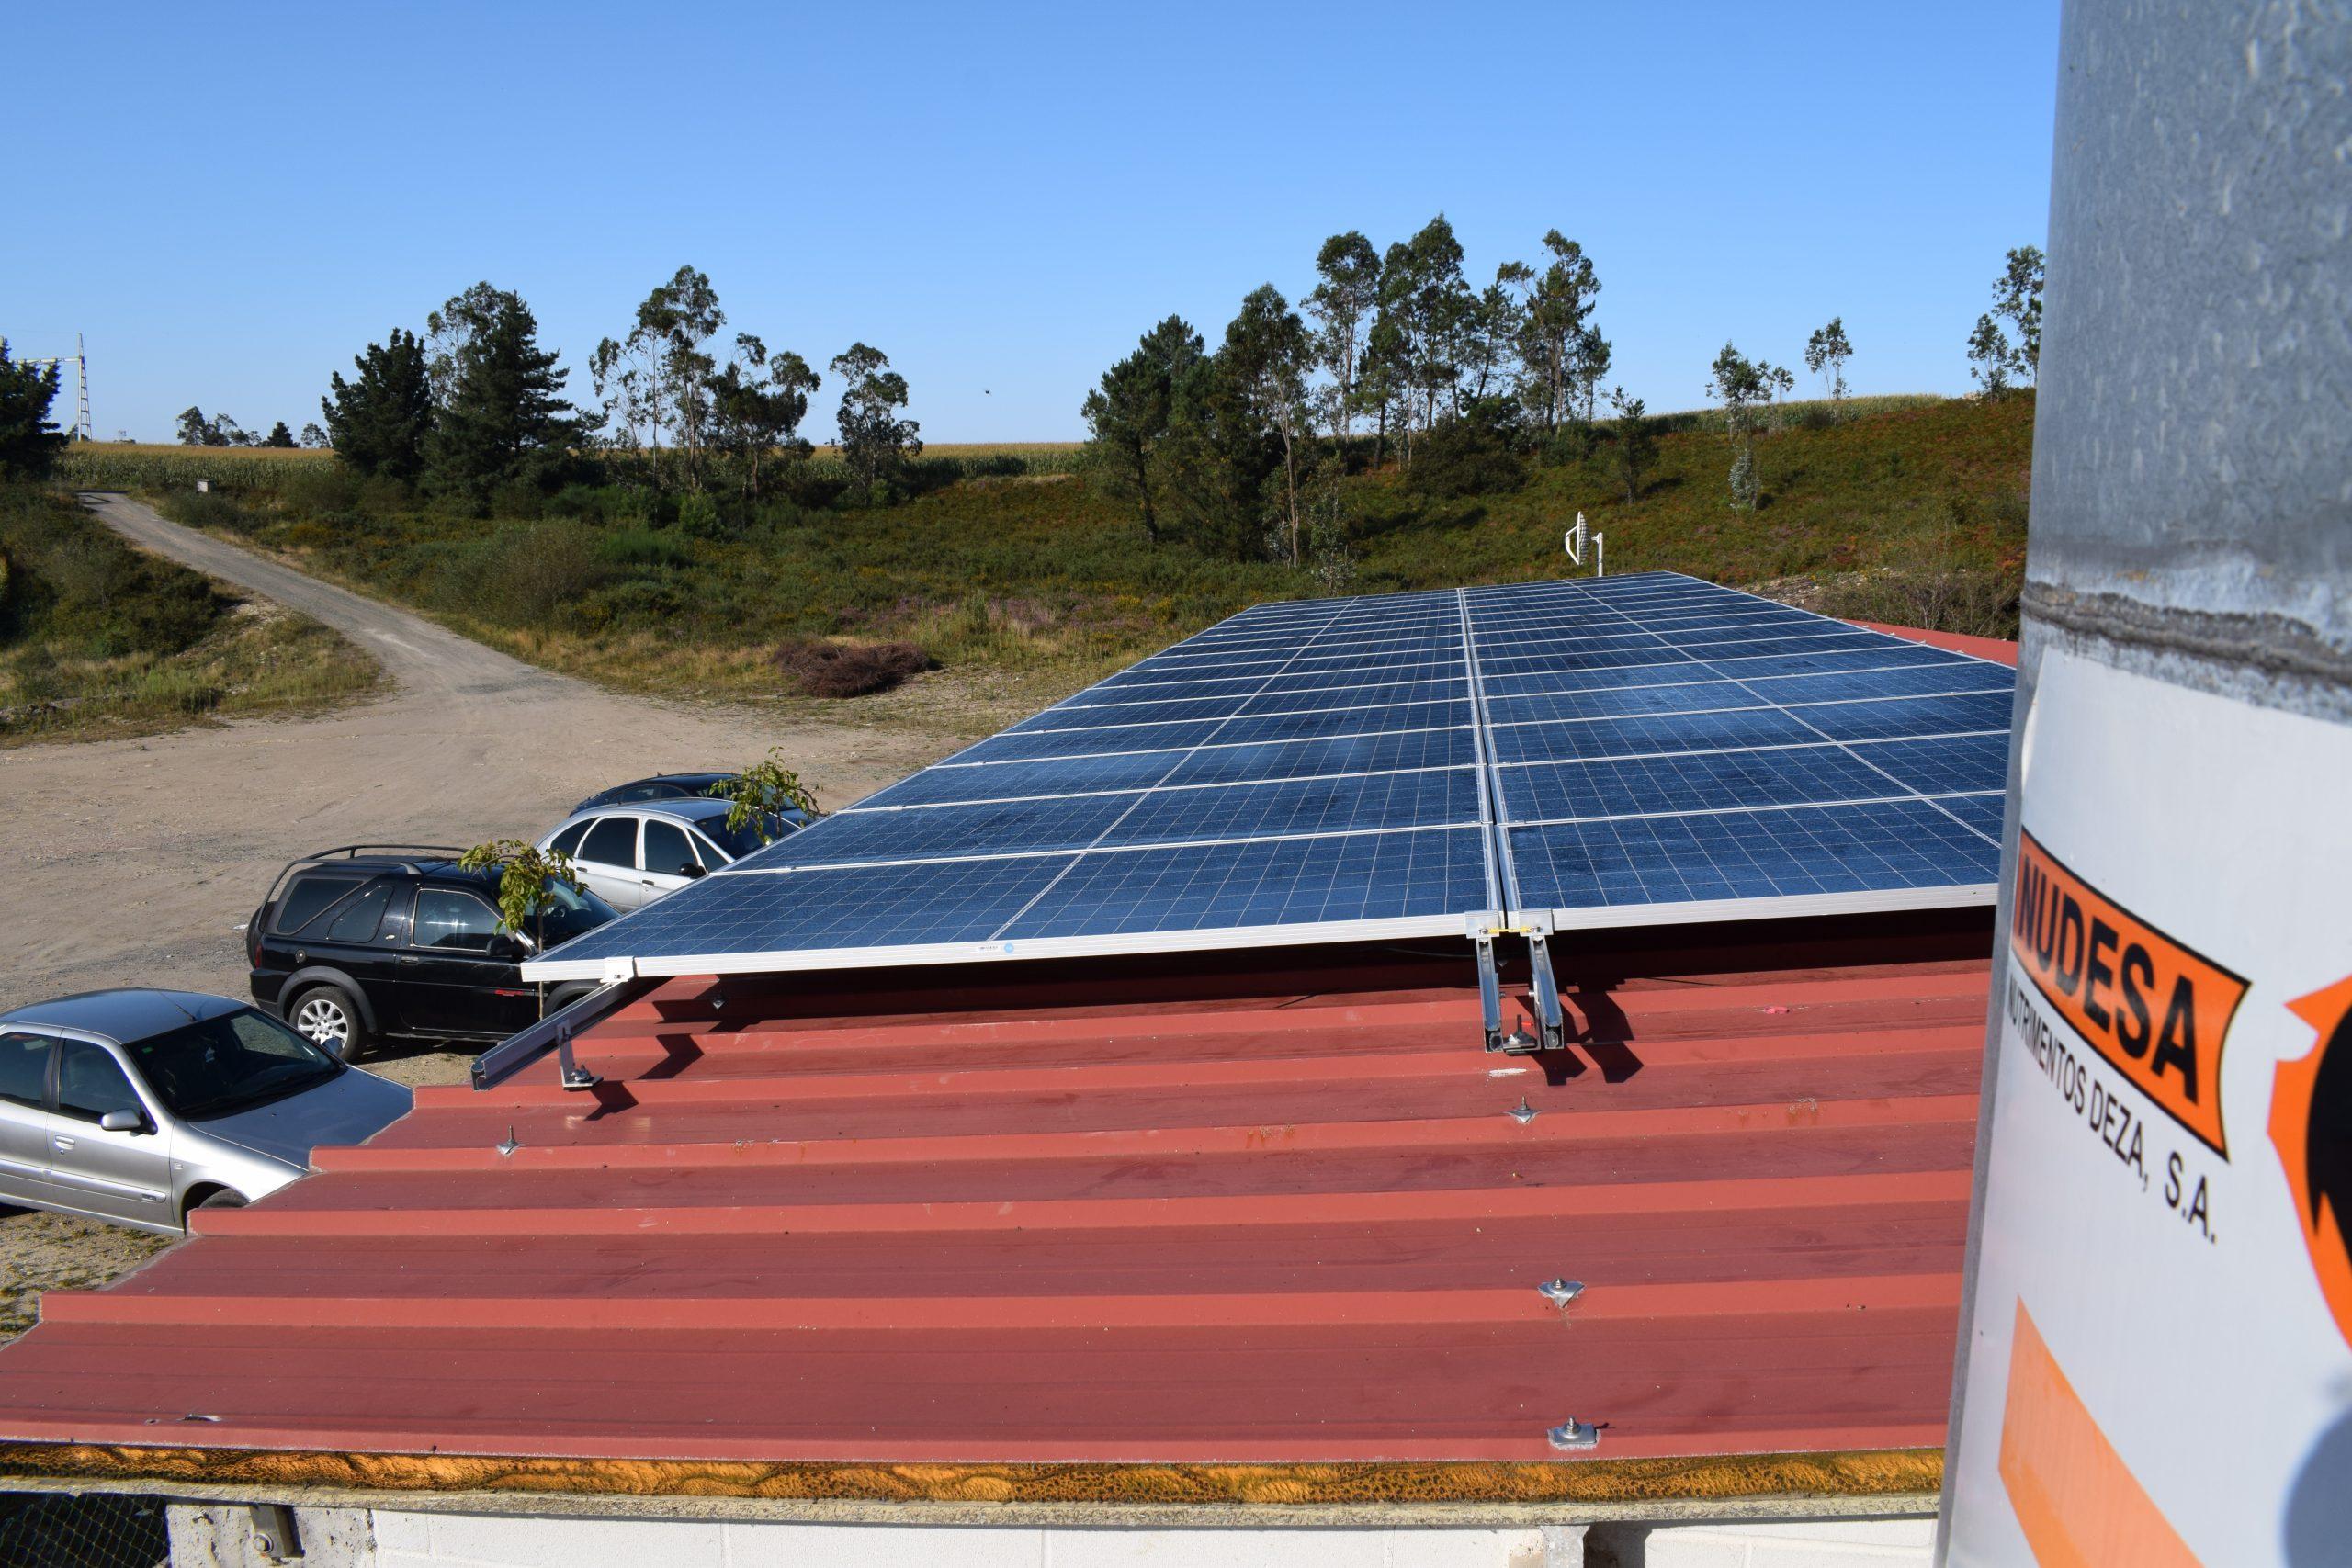 Placas fotovoltaicas en granja